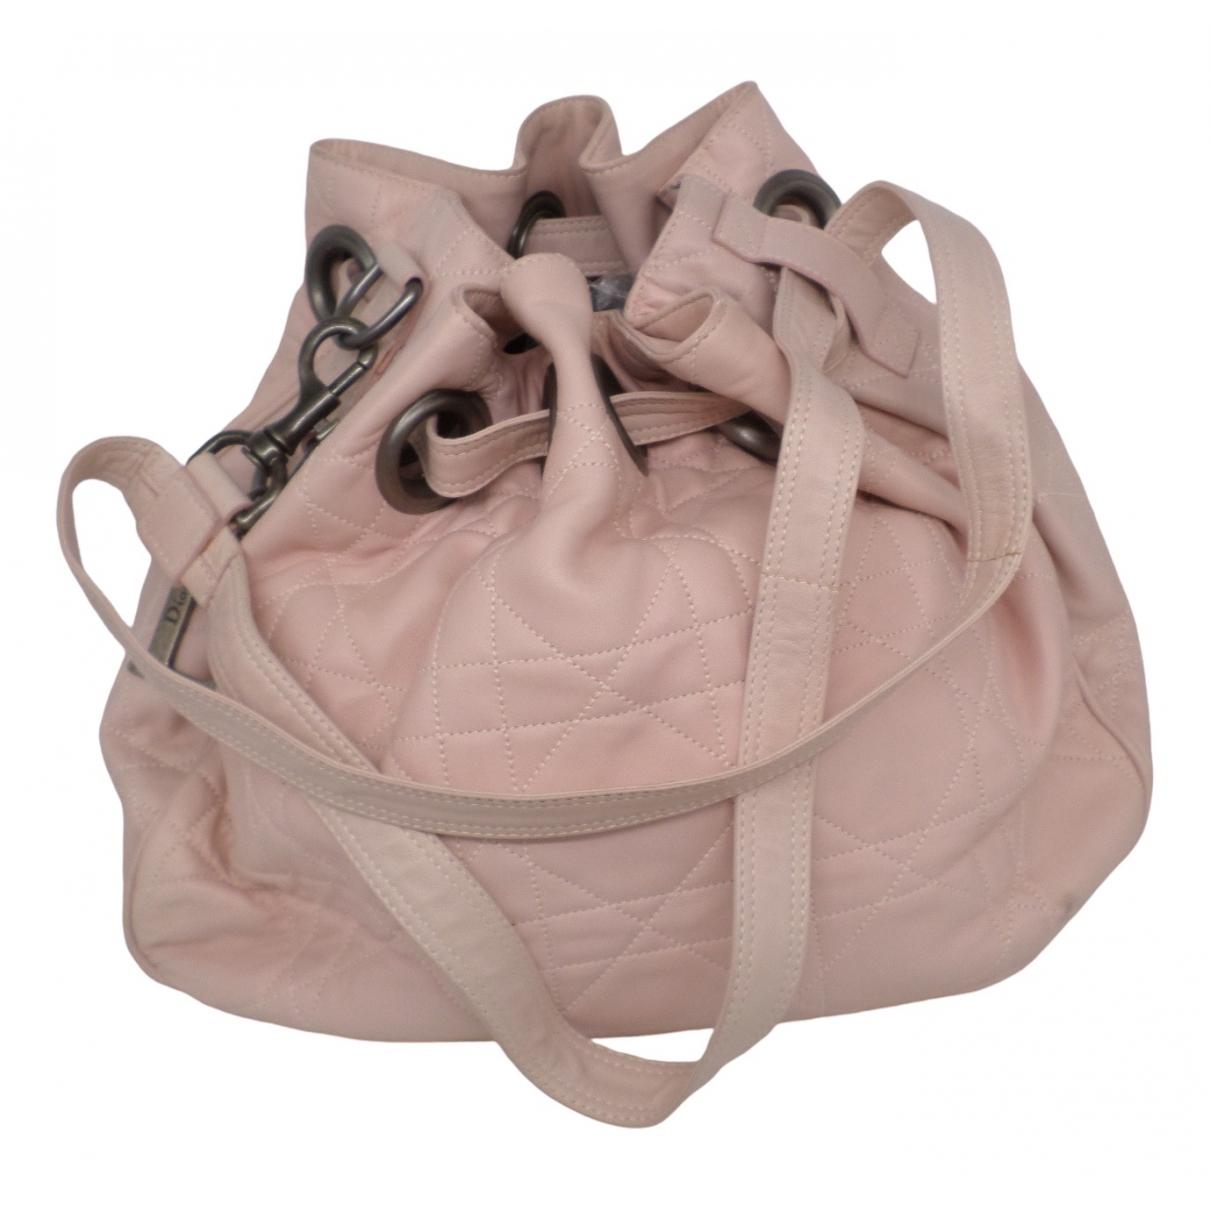 Dior - Sac a main   pour femme en cuir - rose